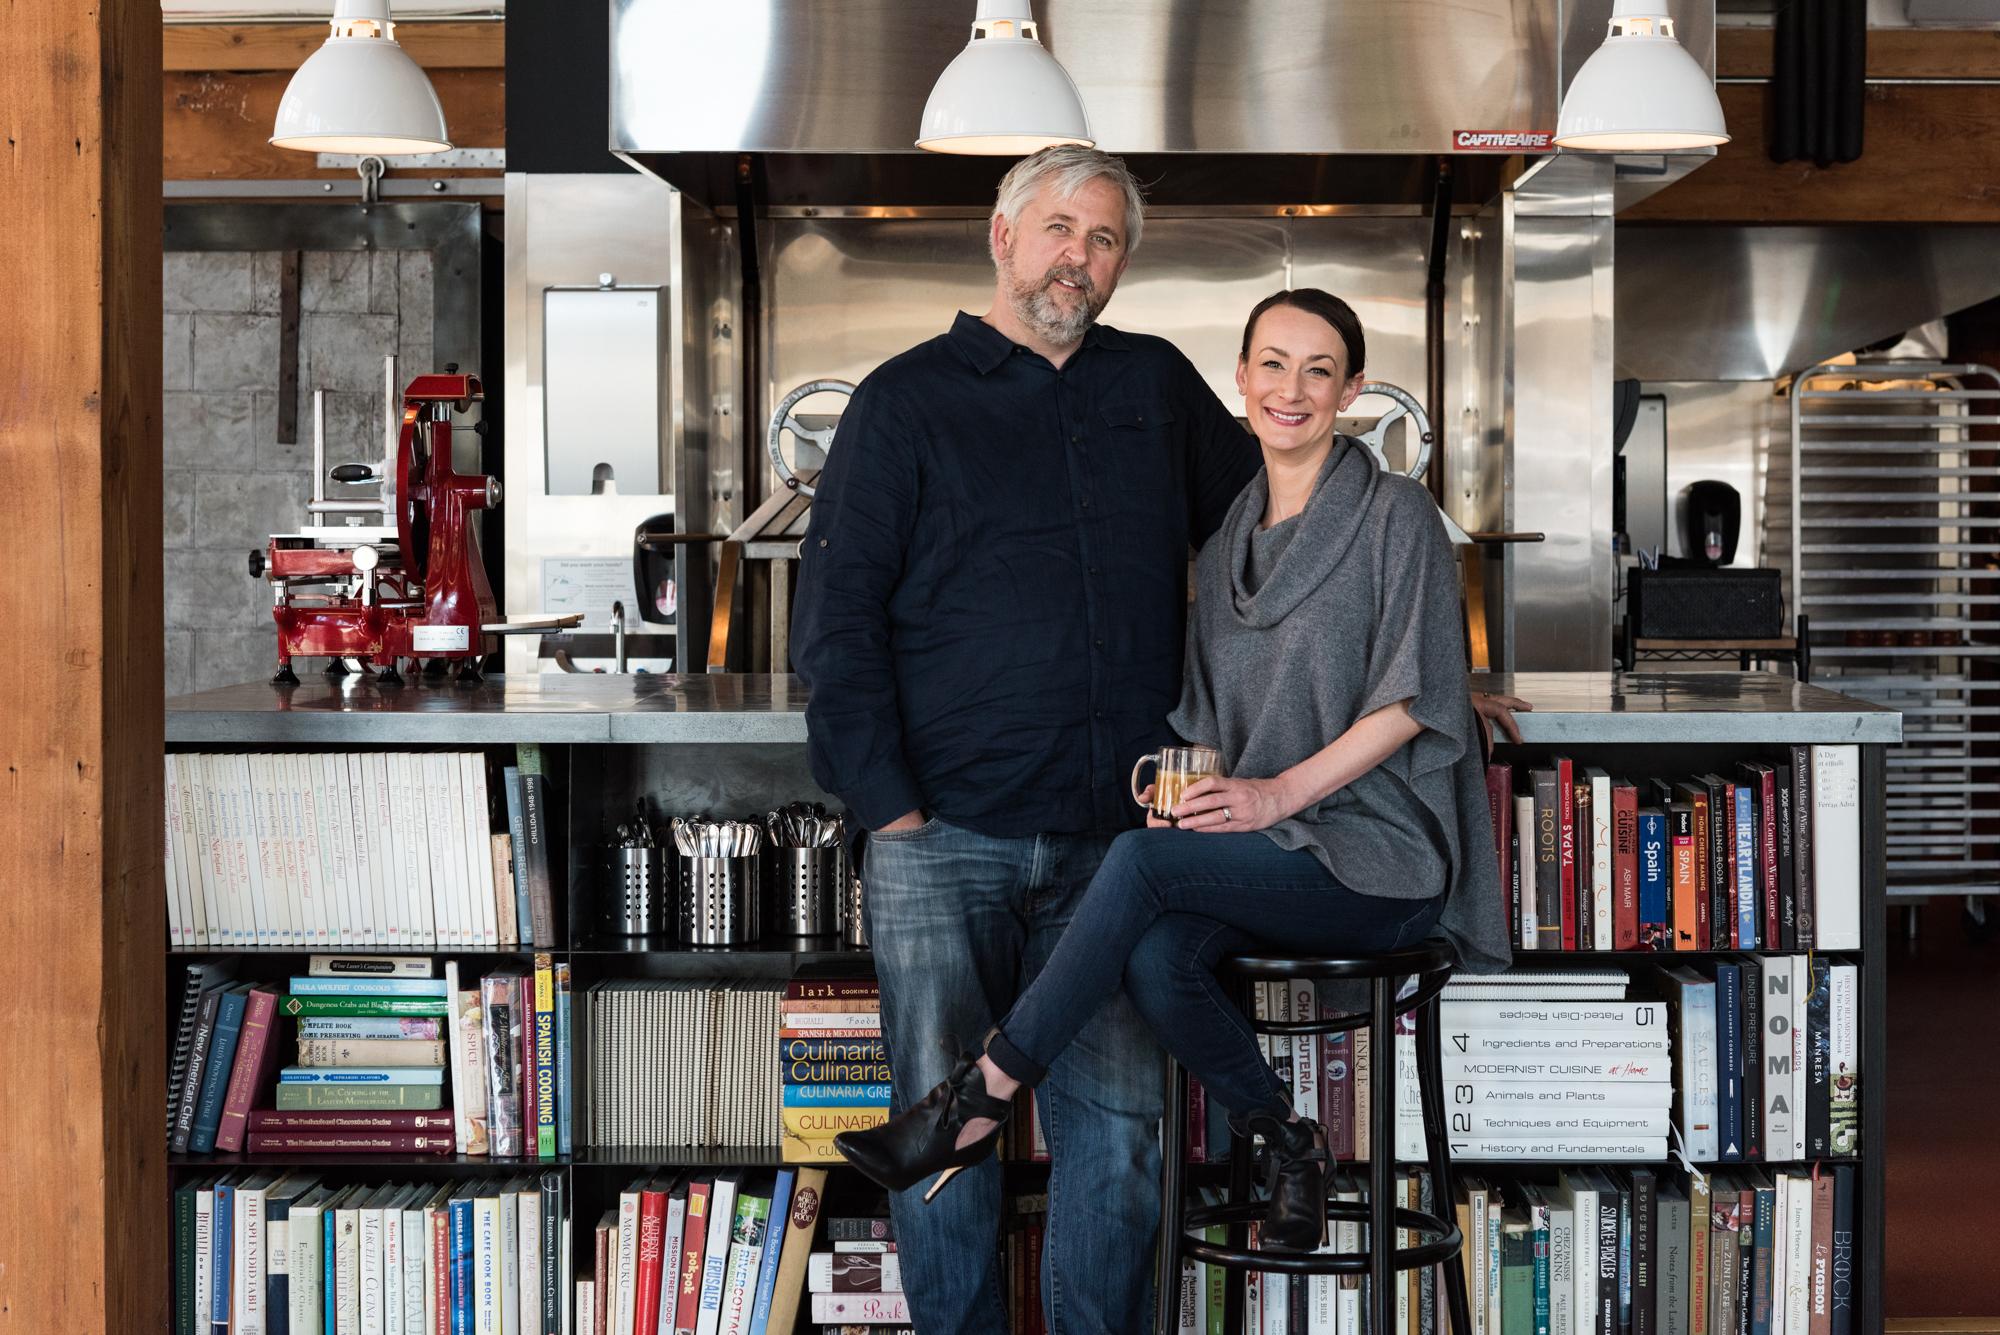 John Gorham stands next to Renee Gorham at the chef's pass